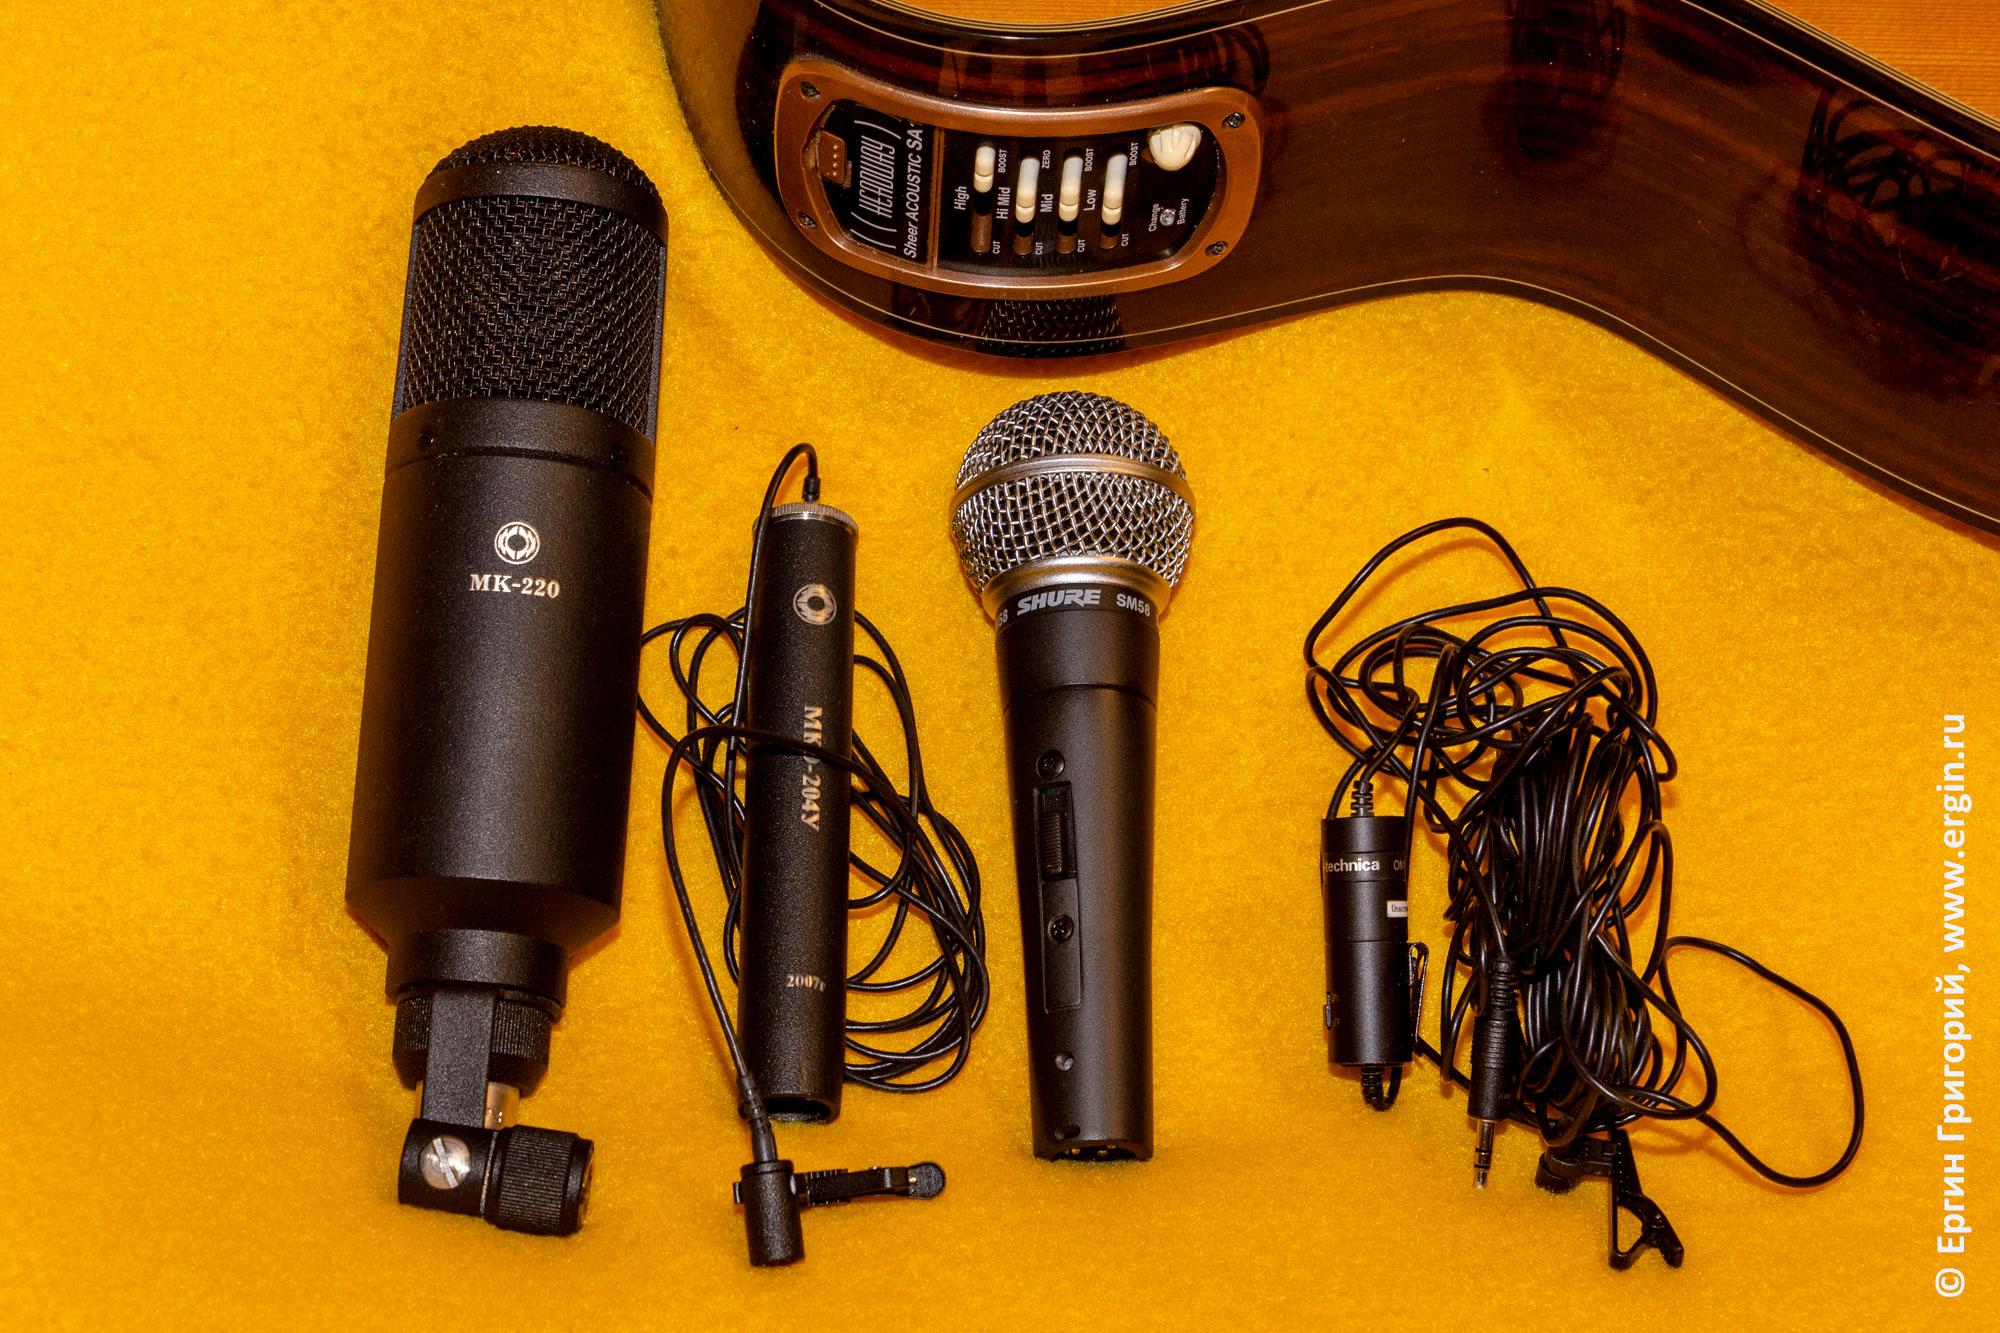 Устройства для подключения к Saramonic-SmartRig+: микрофоны с разъемом XLR, jack 3,5 мм, jack 6,35 мм